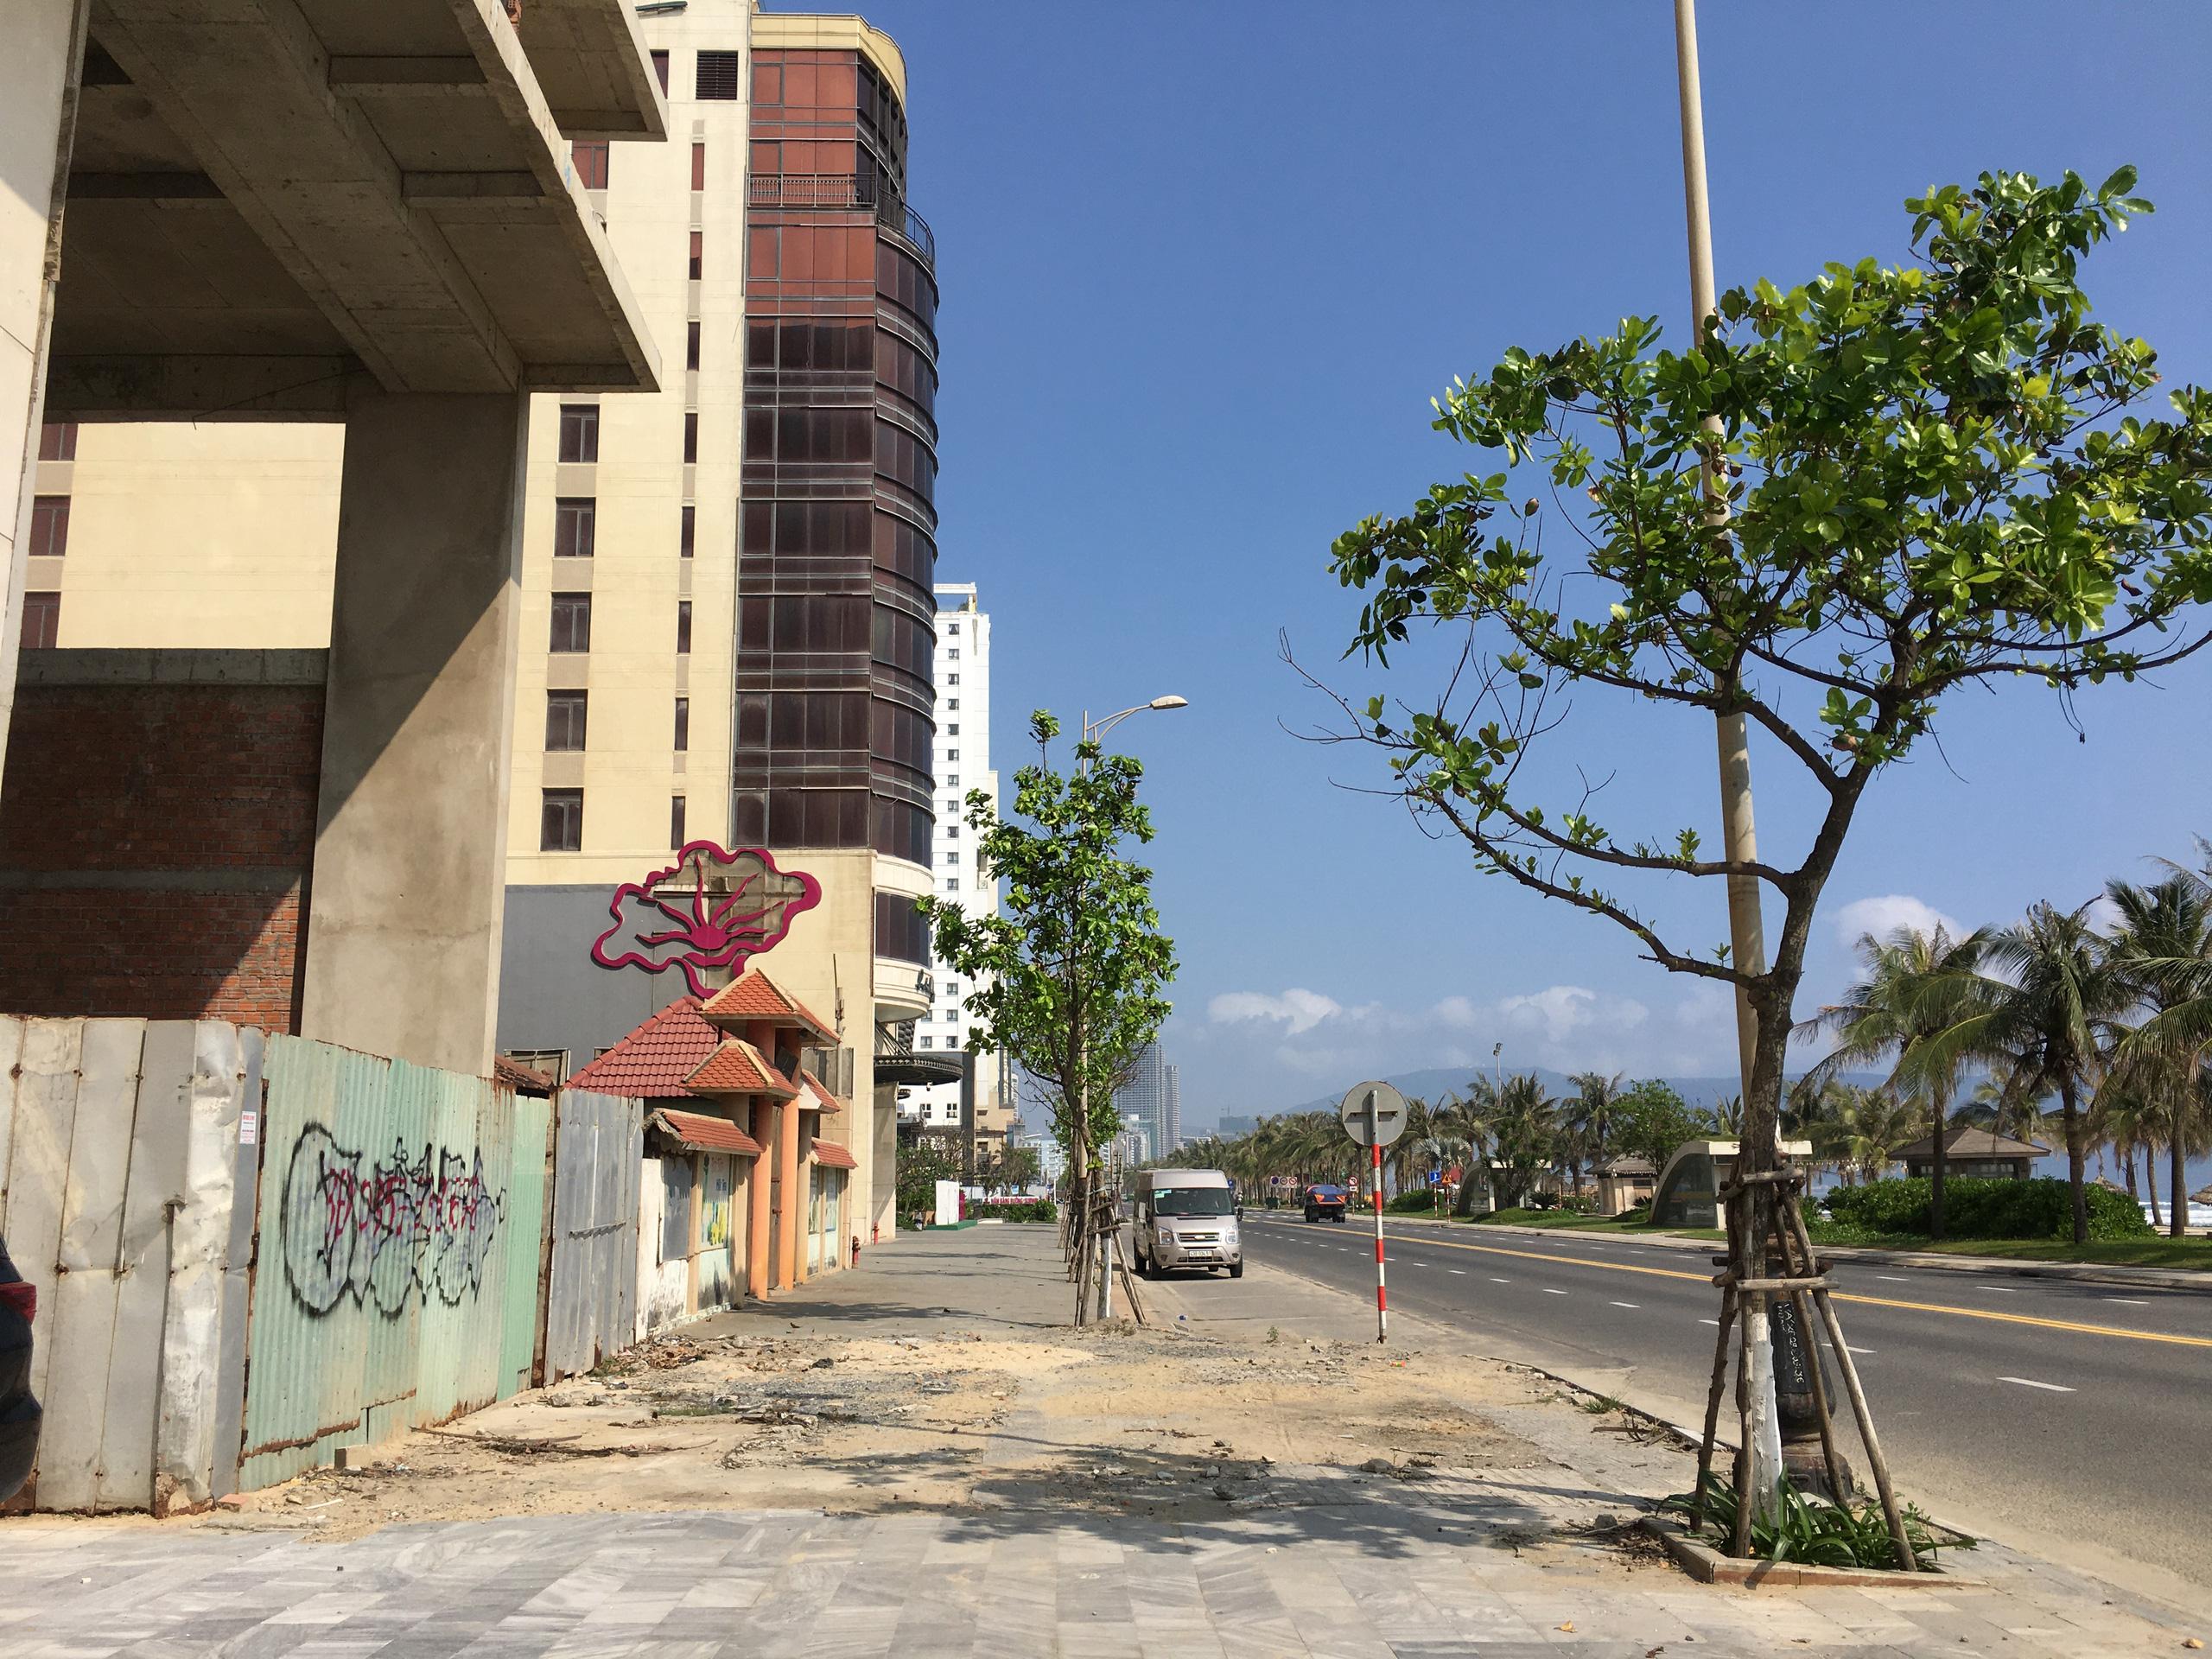 Rao bán nhà ồ ạt ở phố Tây Đà Nẵng, thấp nhất 110 triệu/m2 - Ảnh 7.